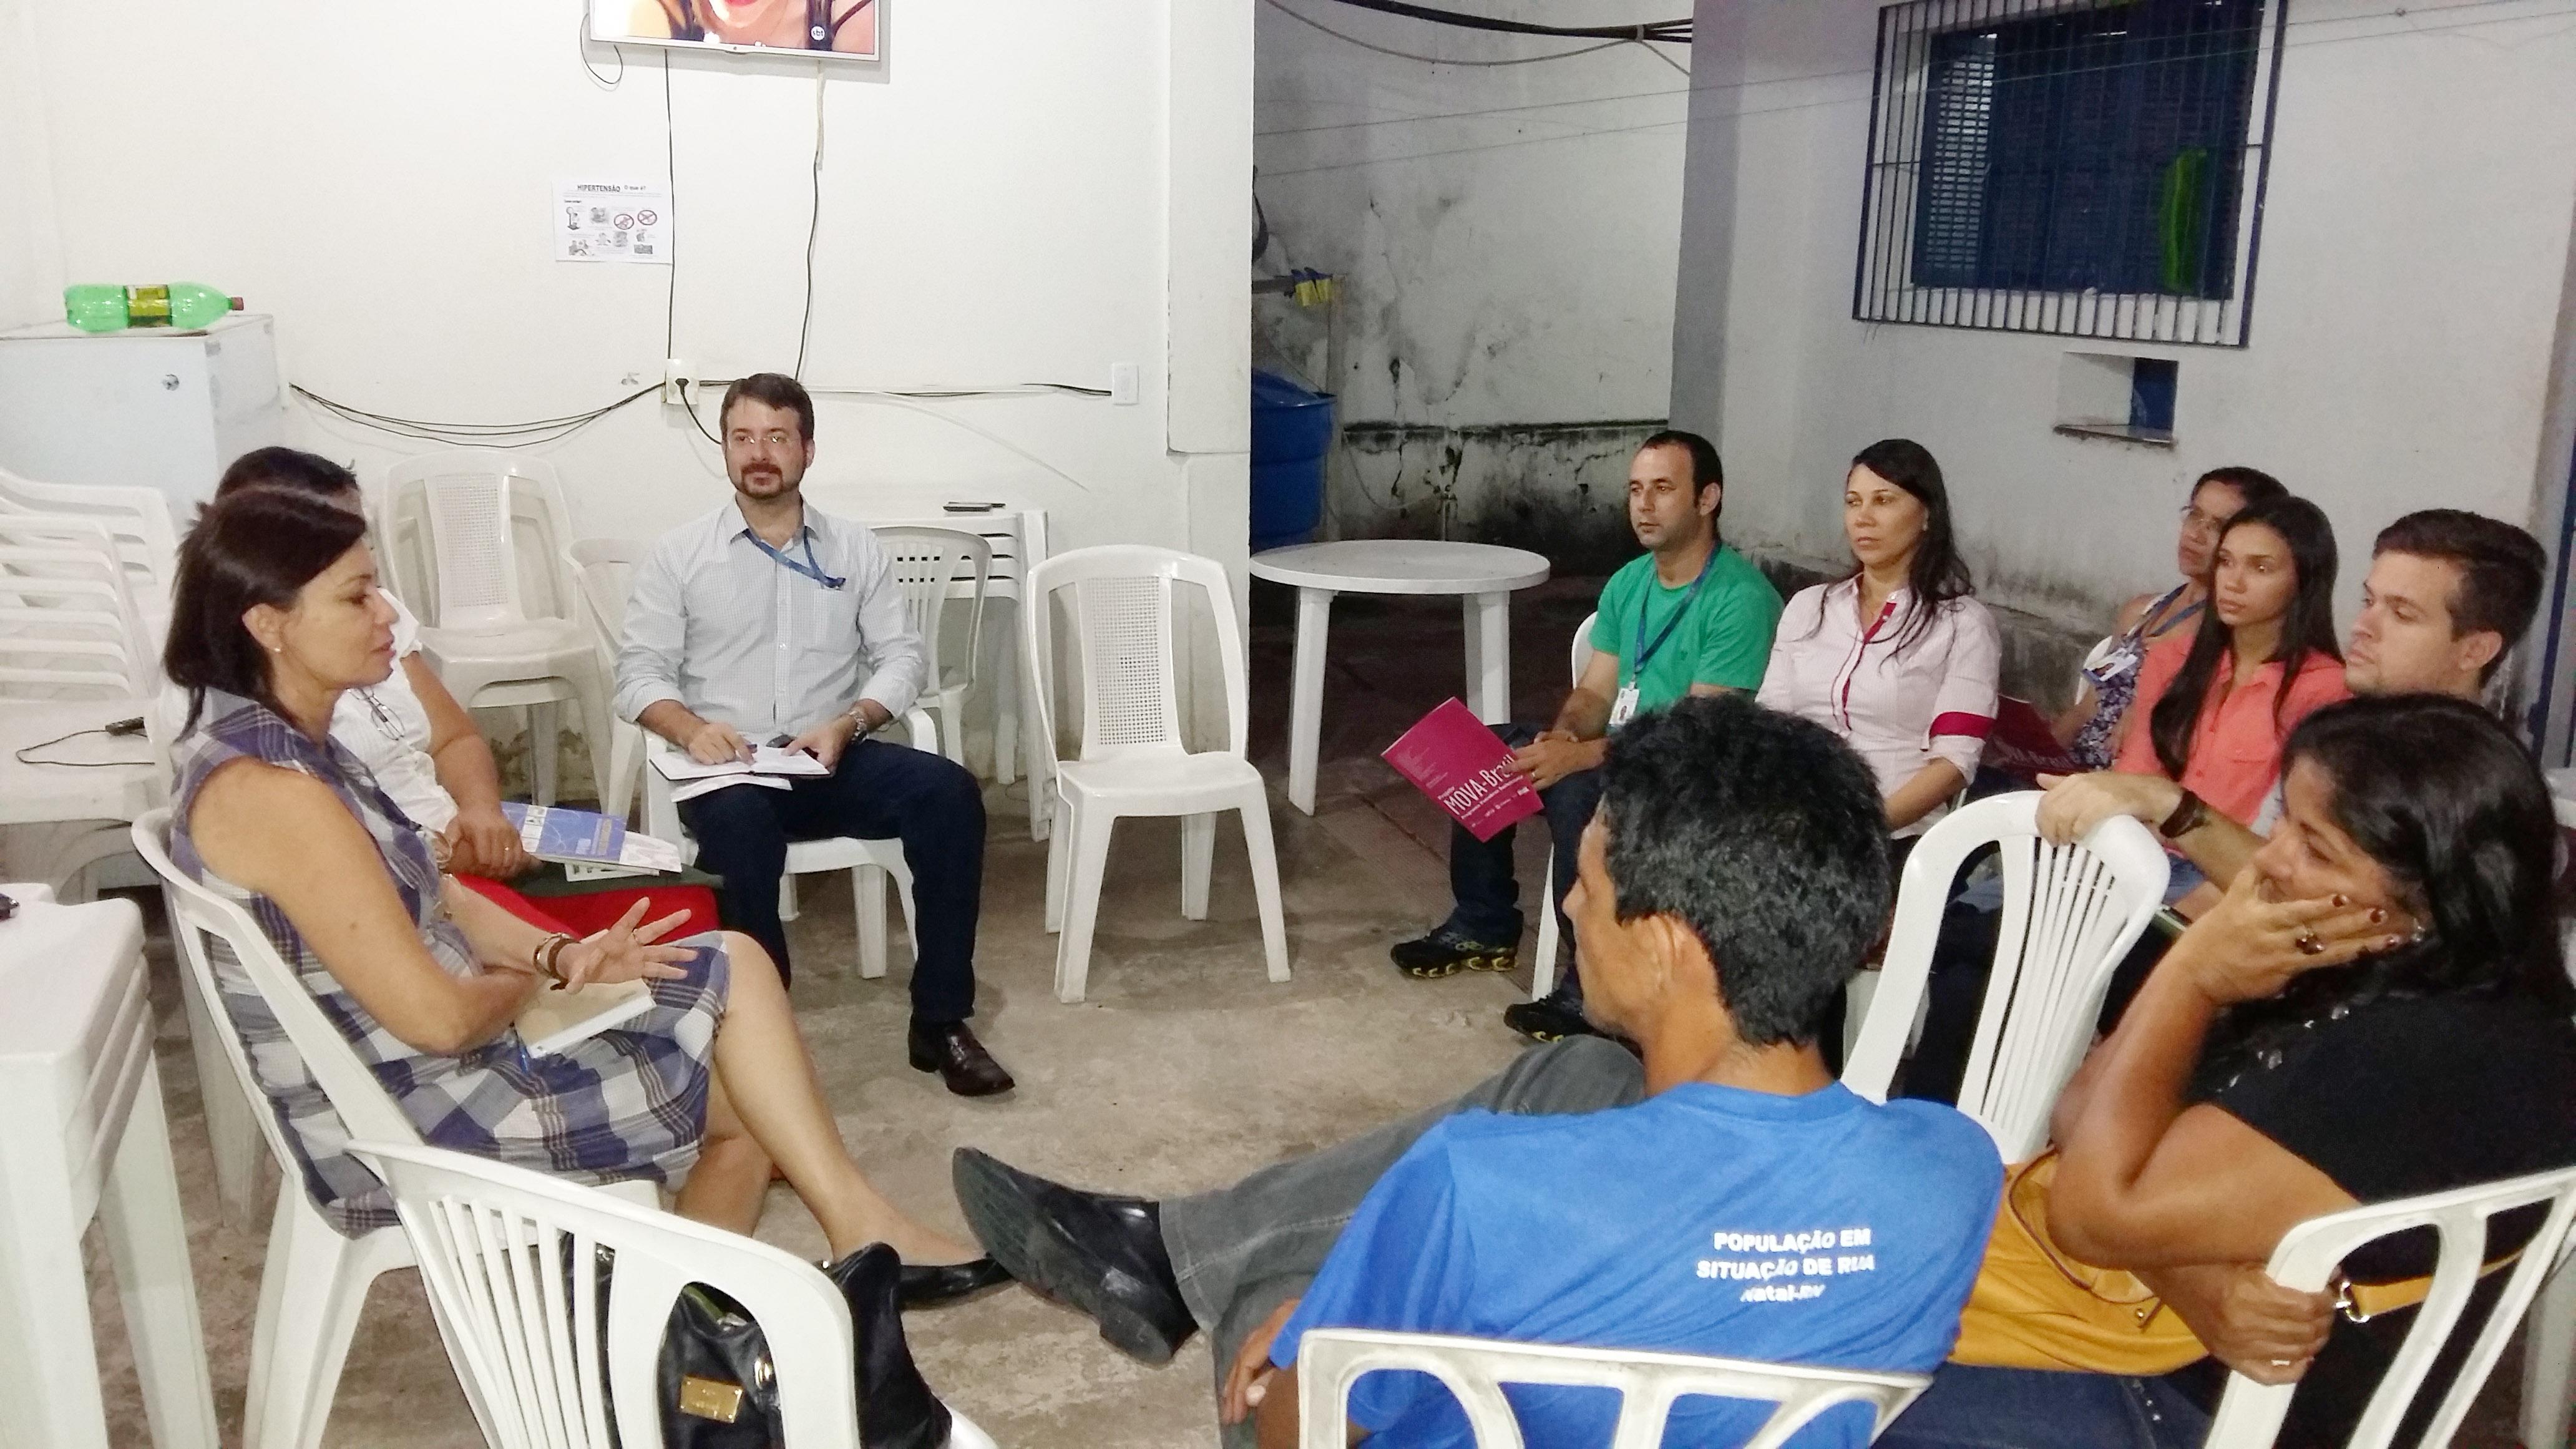 Reuniao Coordenacao AlberguePessoasSituacao de Rua (2)